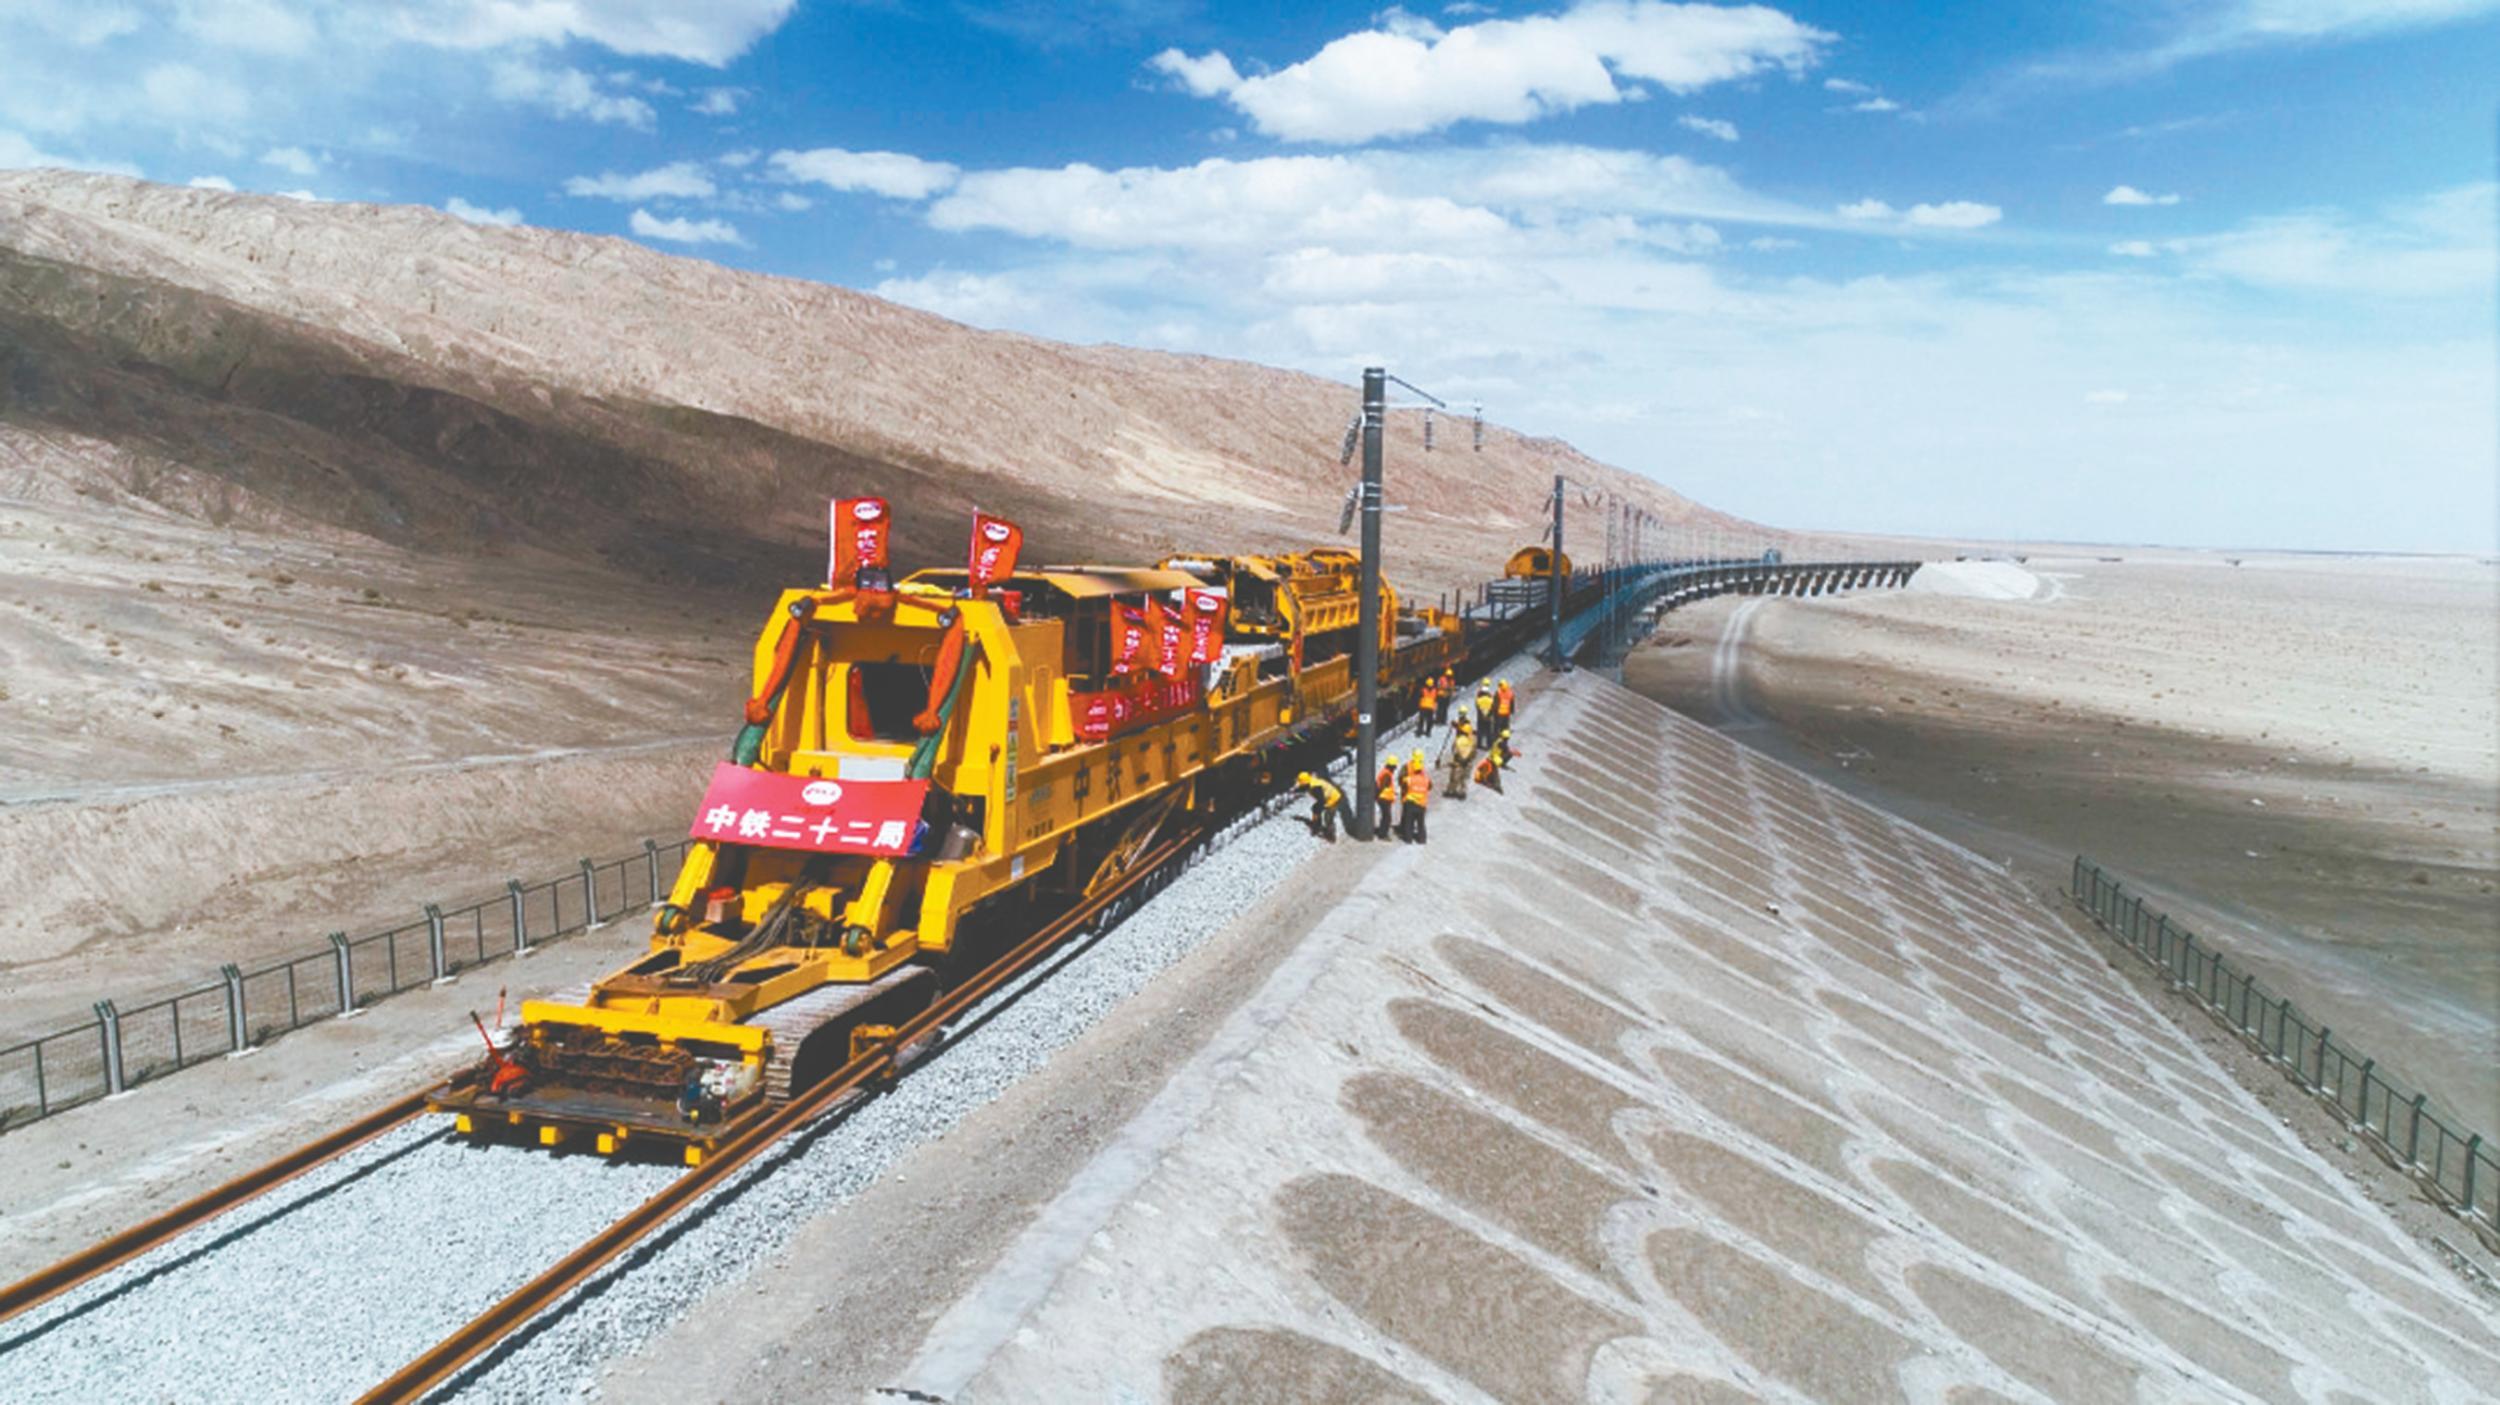 大漠戈壁,铁轨成为一道风景线。刘伟 摄